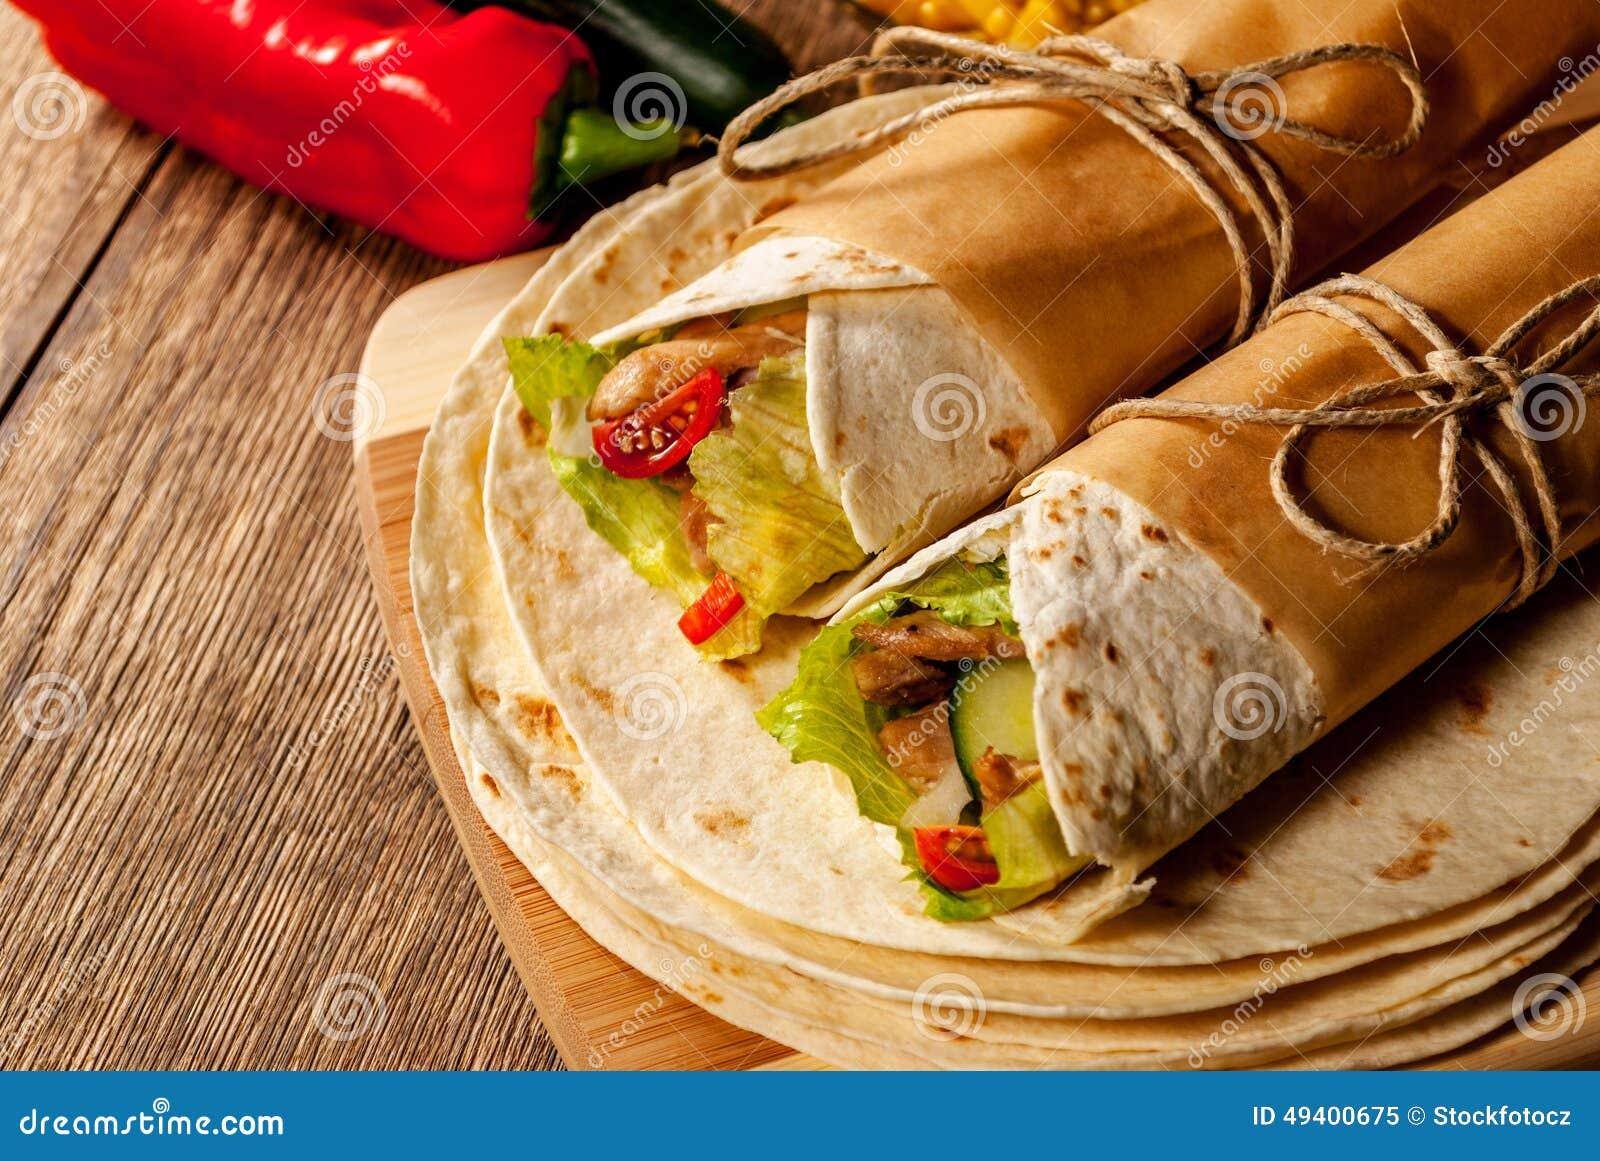 Download Tortillaverpackung stockbild. Bild von pfeffer, rindfleisch - 49400675